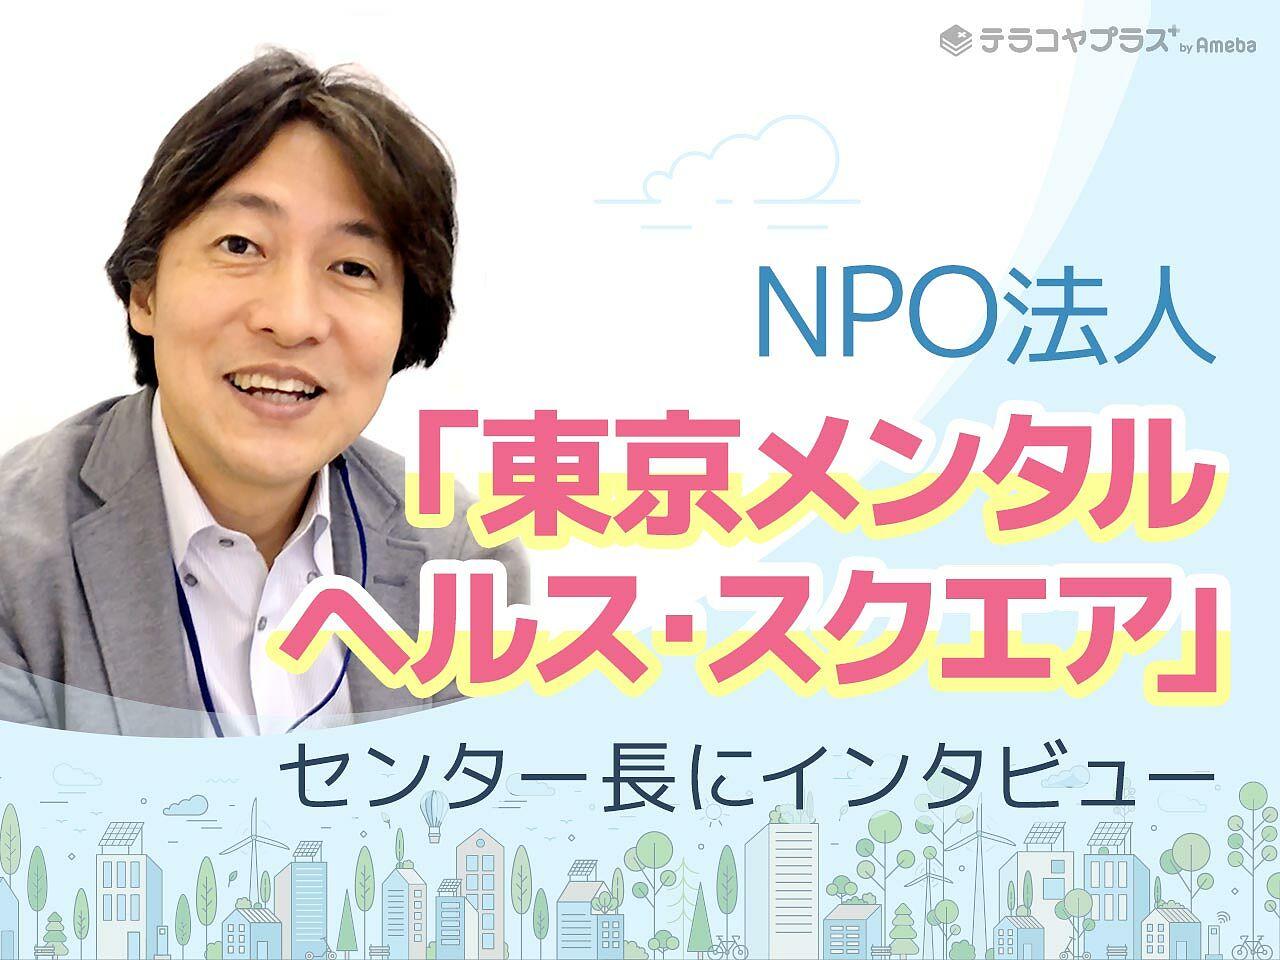 無料で悩み相談をおこなうNPO法人「東京メンタルヘルス・スクエア」とは?センター長に取り組みを聞いてみたの画像